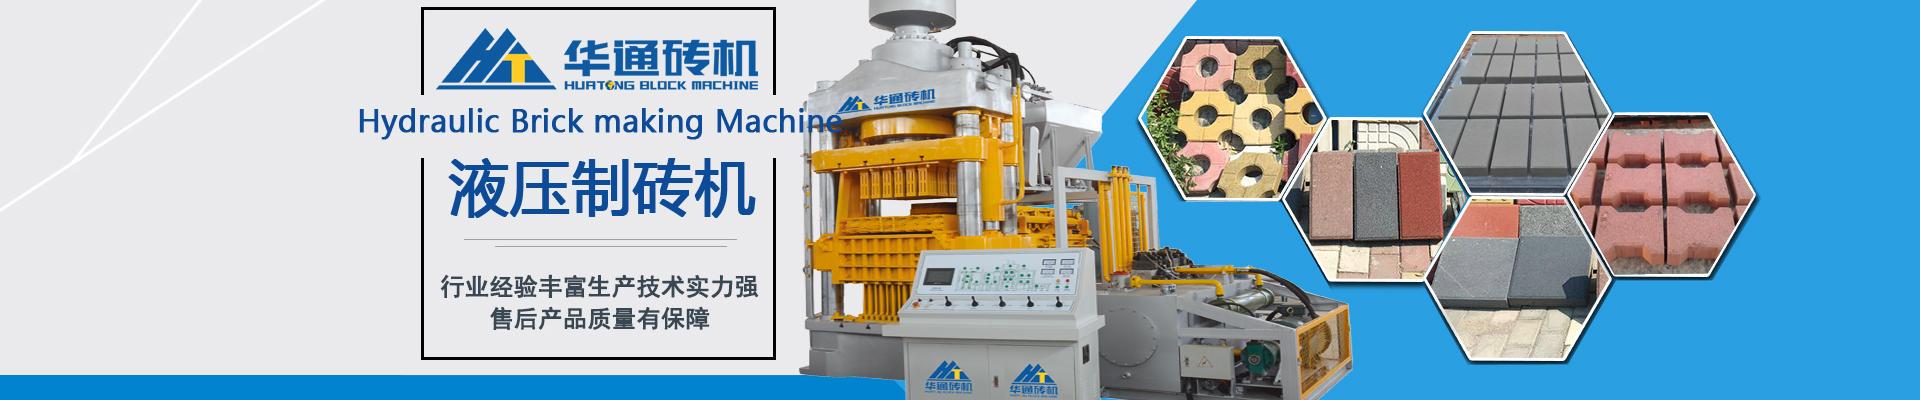 山東高唐華通液壓機械有限公司